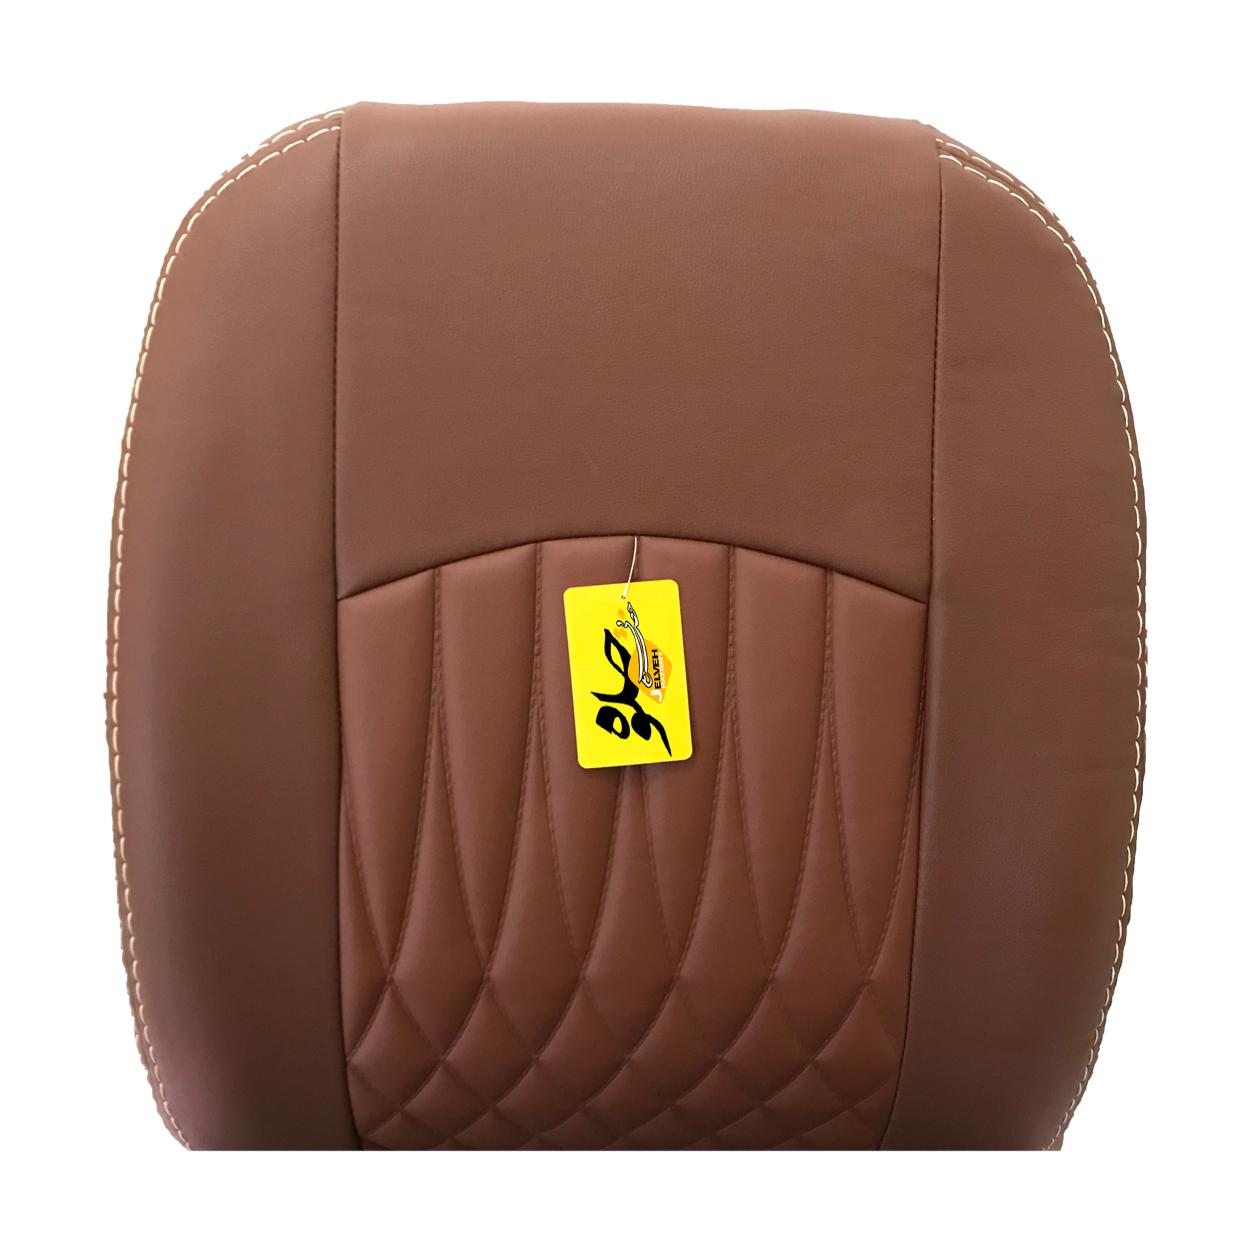 روکش صندلی خودرو جلوه مدل bg13 مناسب برای پراید 131